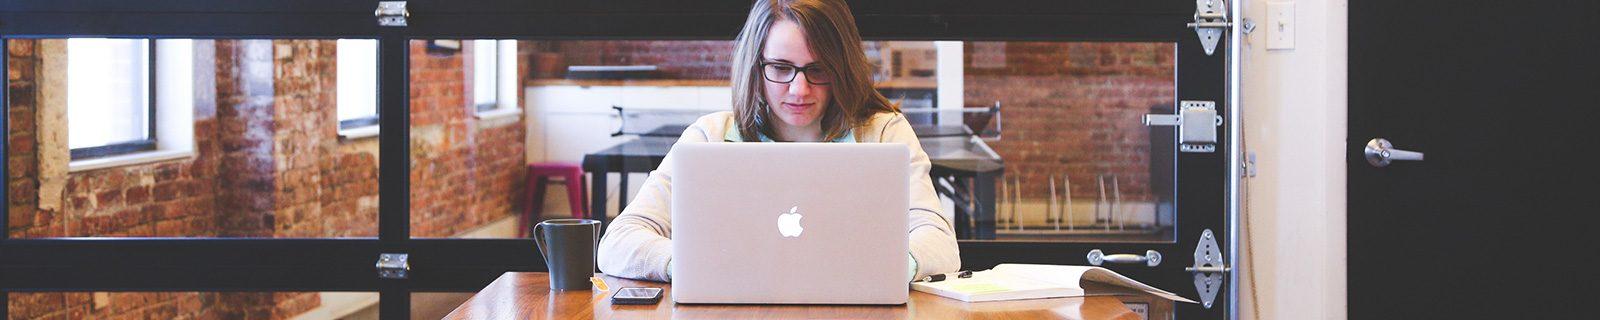 Bachelorarbeit schreiben lassen – Professionelle Ghostwriter-Unterstützung